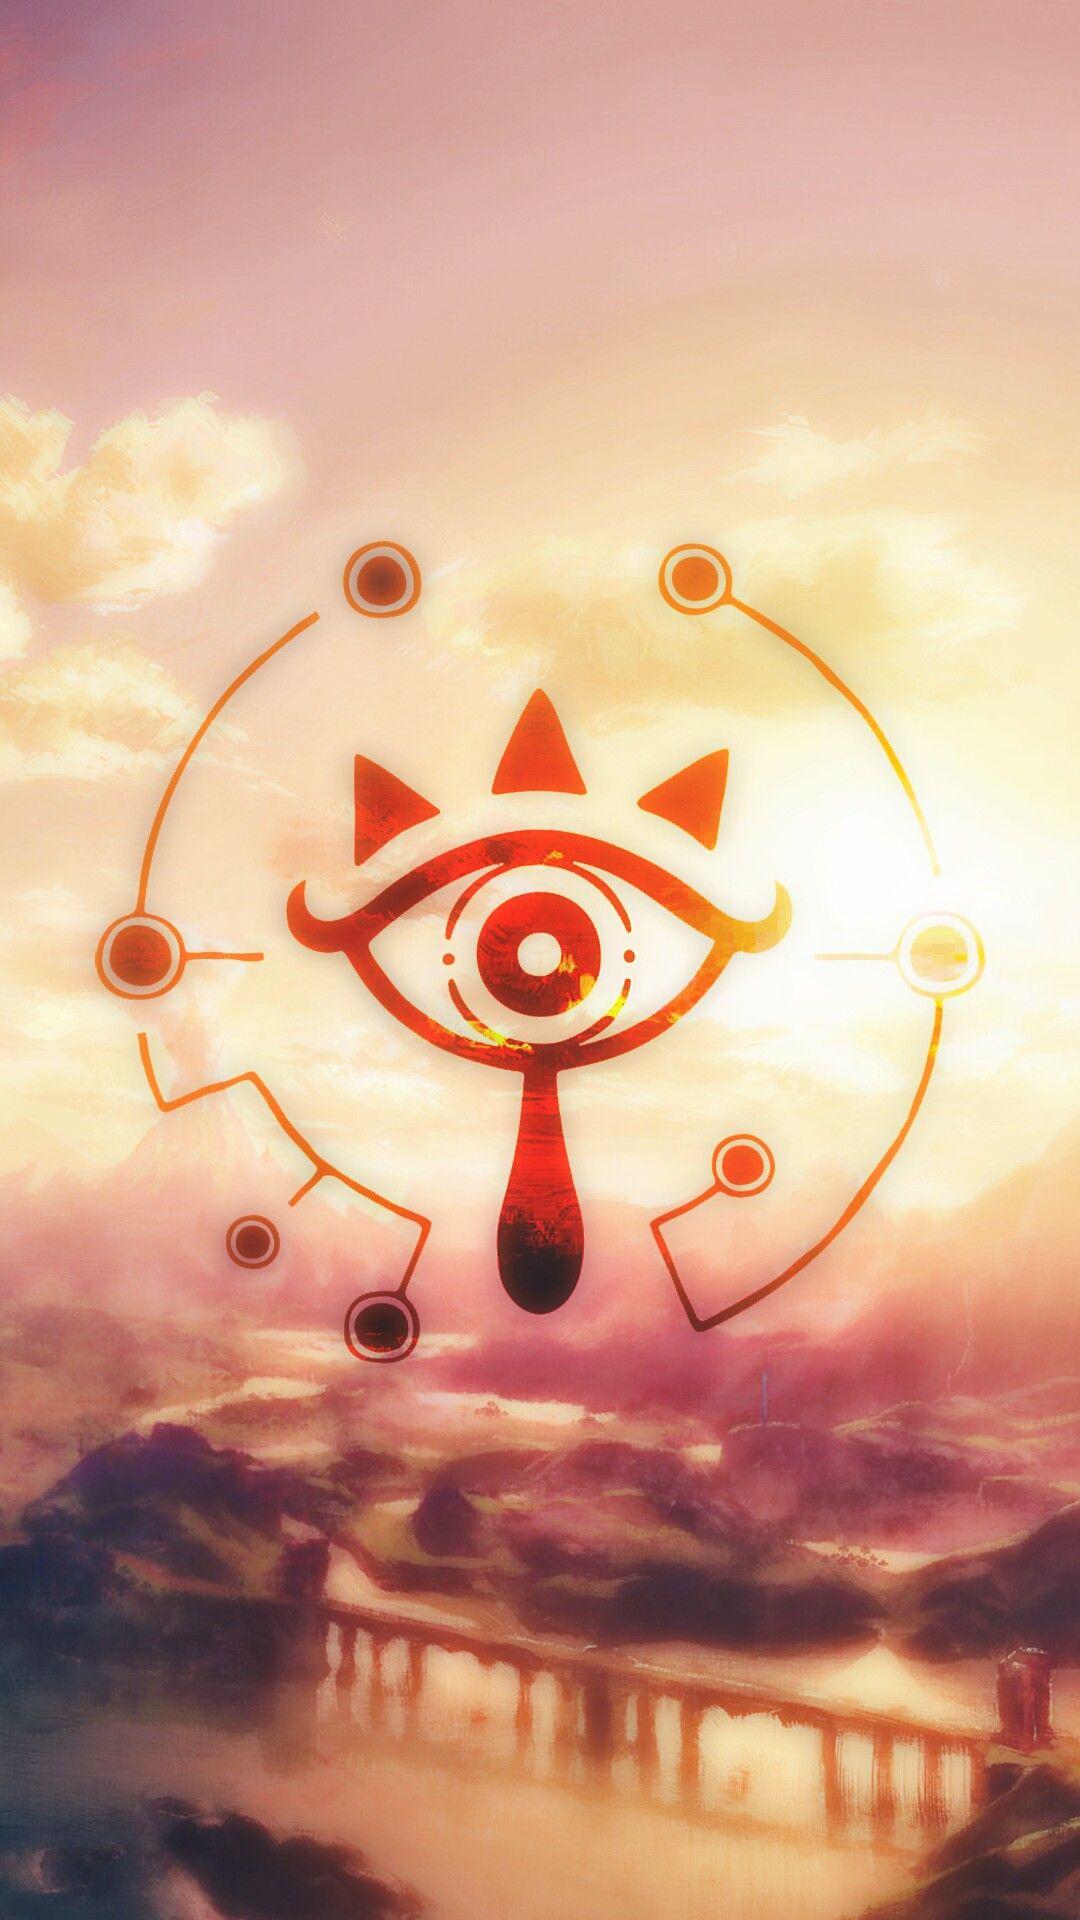 Zelda iphone wallpaper tumblr - The Legend Of Zelda Sheikah